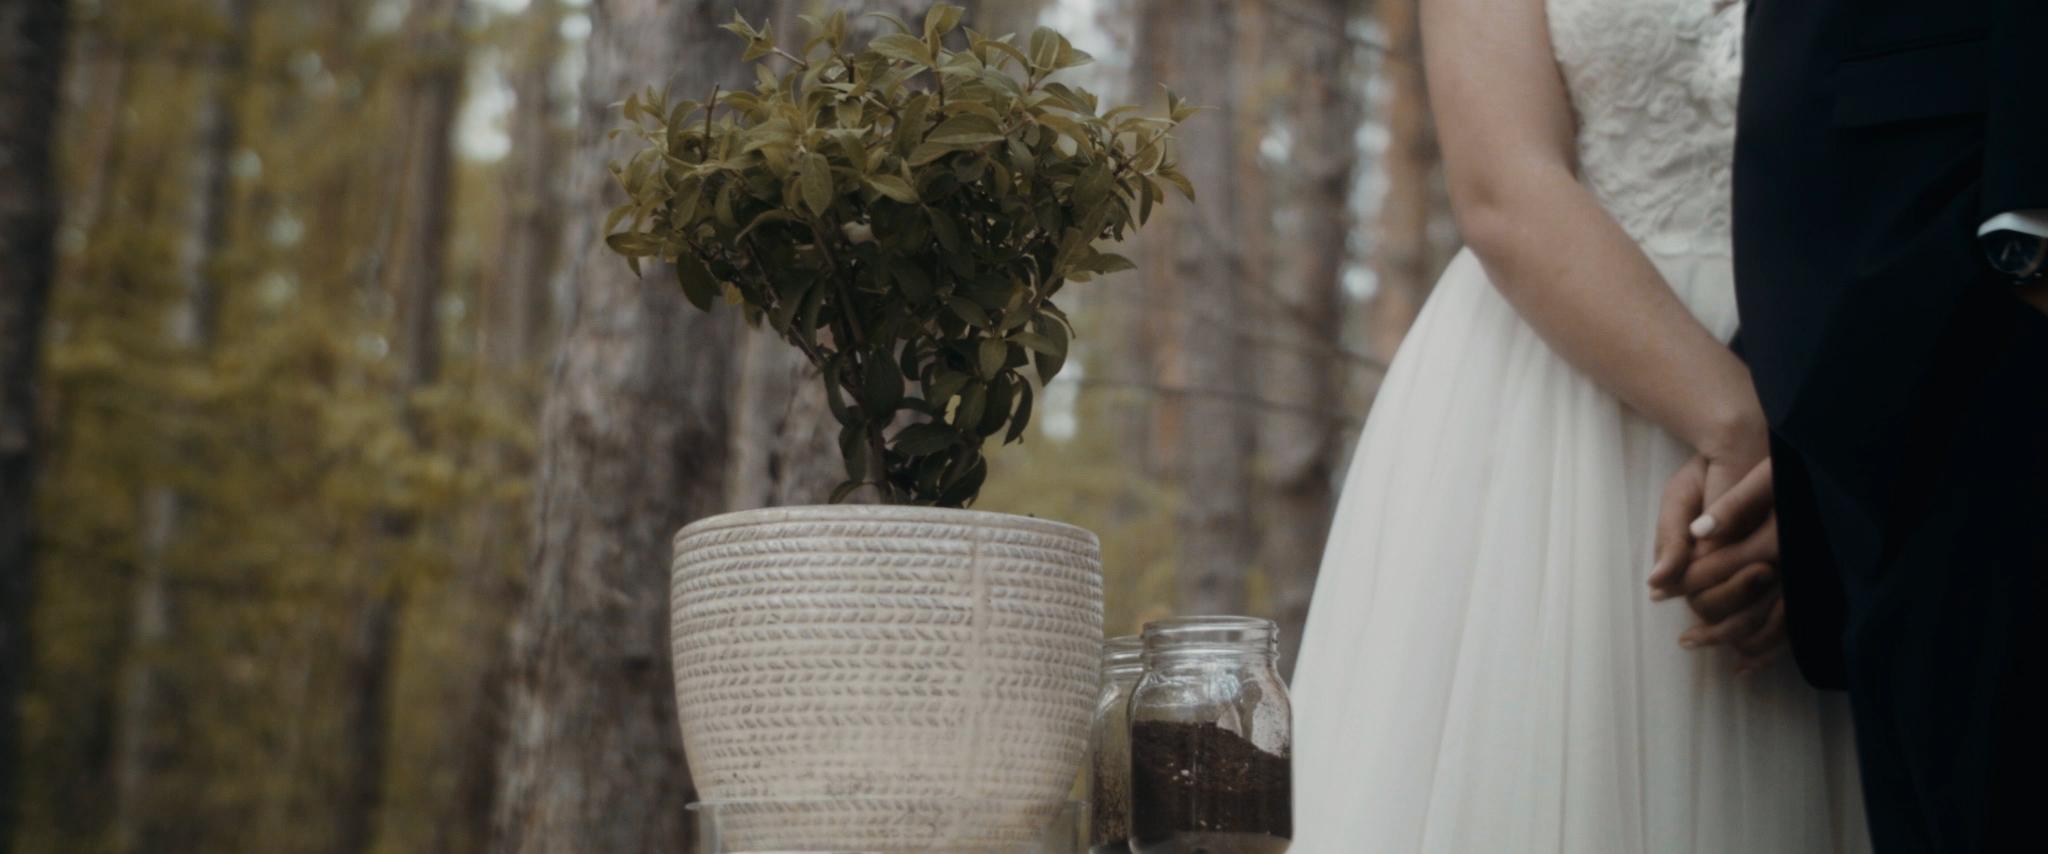 HAVENS_Wedding_Film.00_03_35_02.Still047.jpg